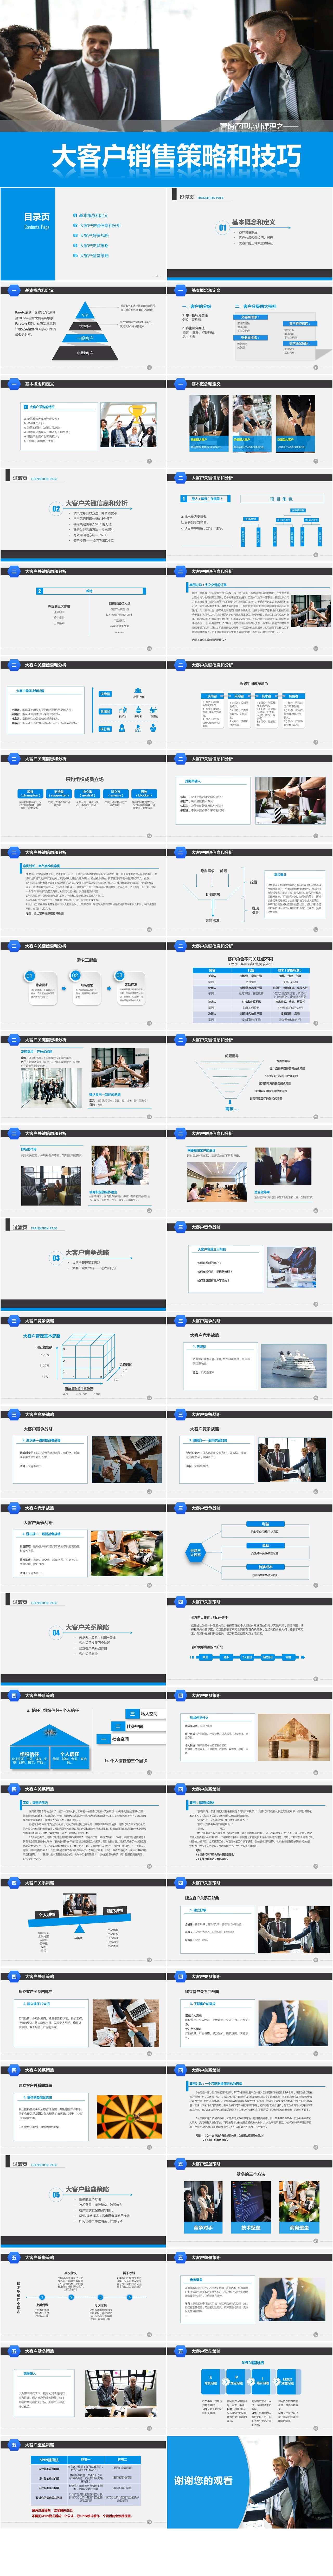 蓝色商务营销管理培训课程之大客服销售策略和技巧PPT模板插图1